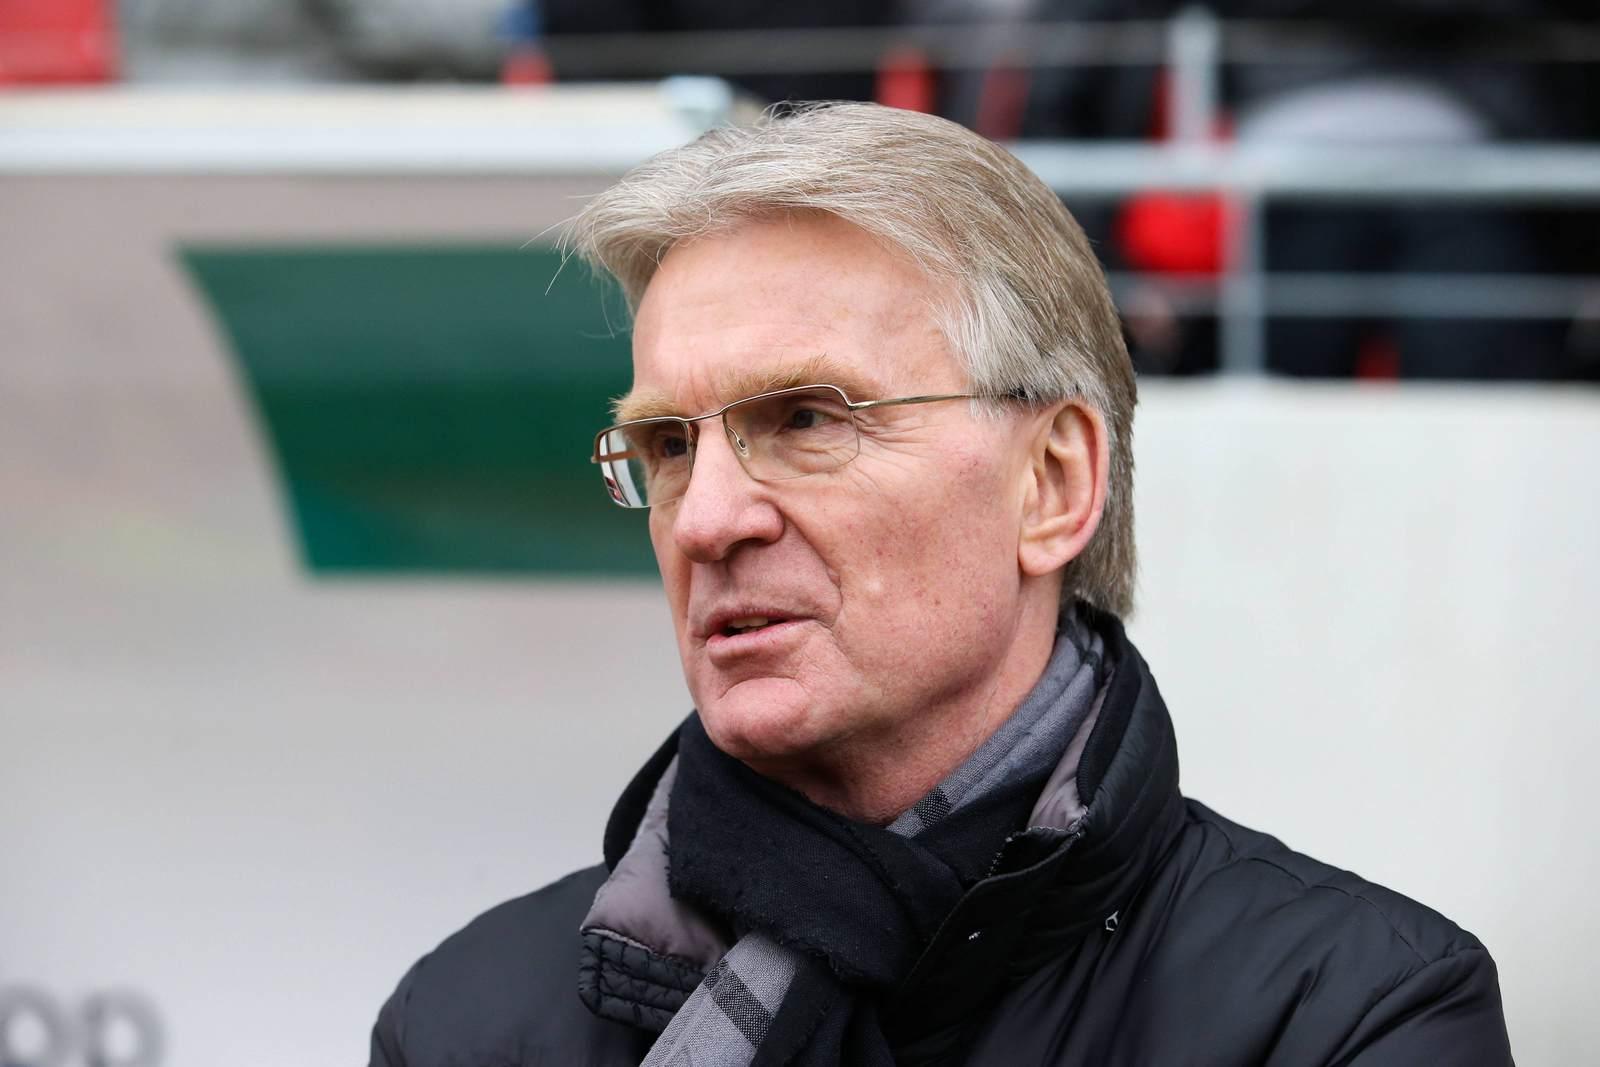 Keine Angst vor großen Namen: Halles Präsident Michael Schädlich